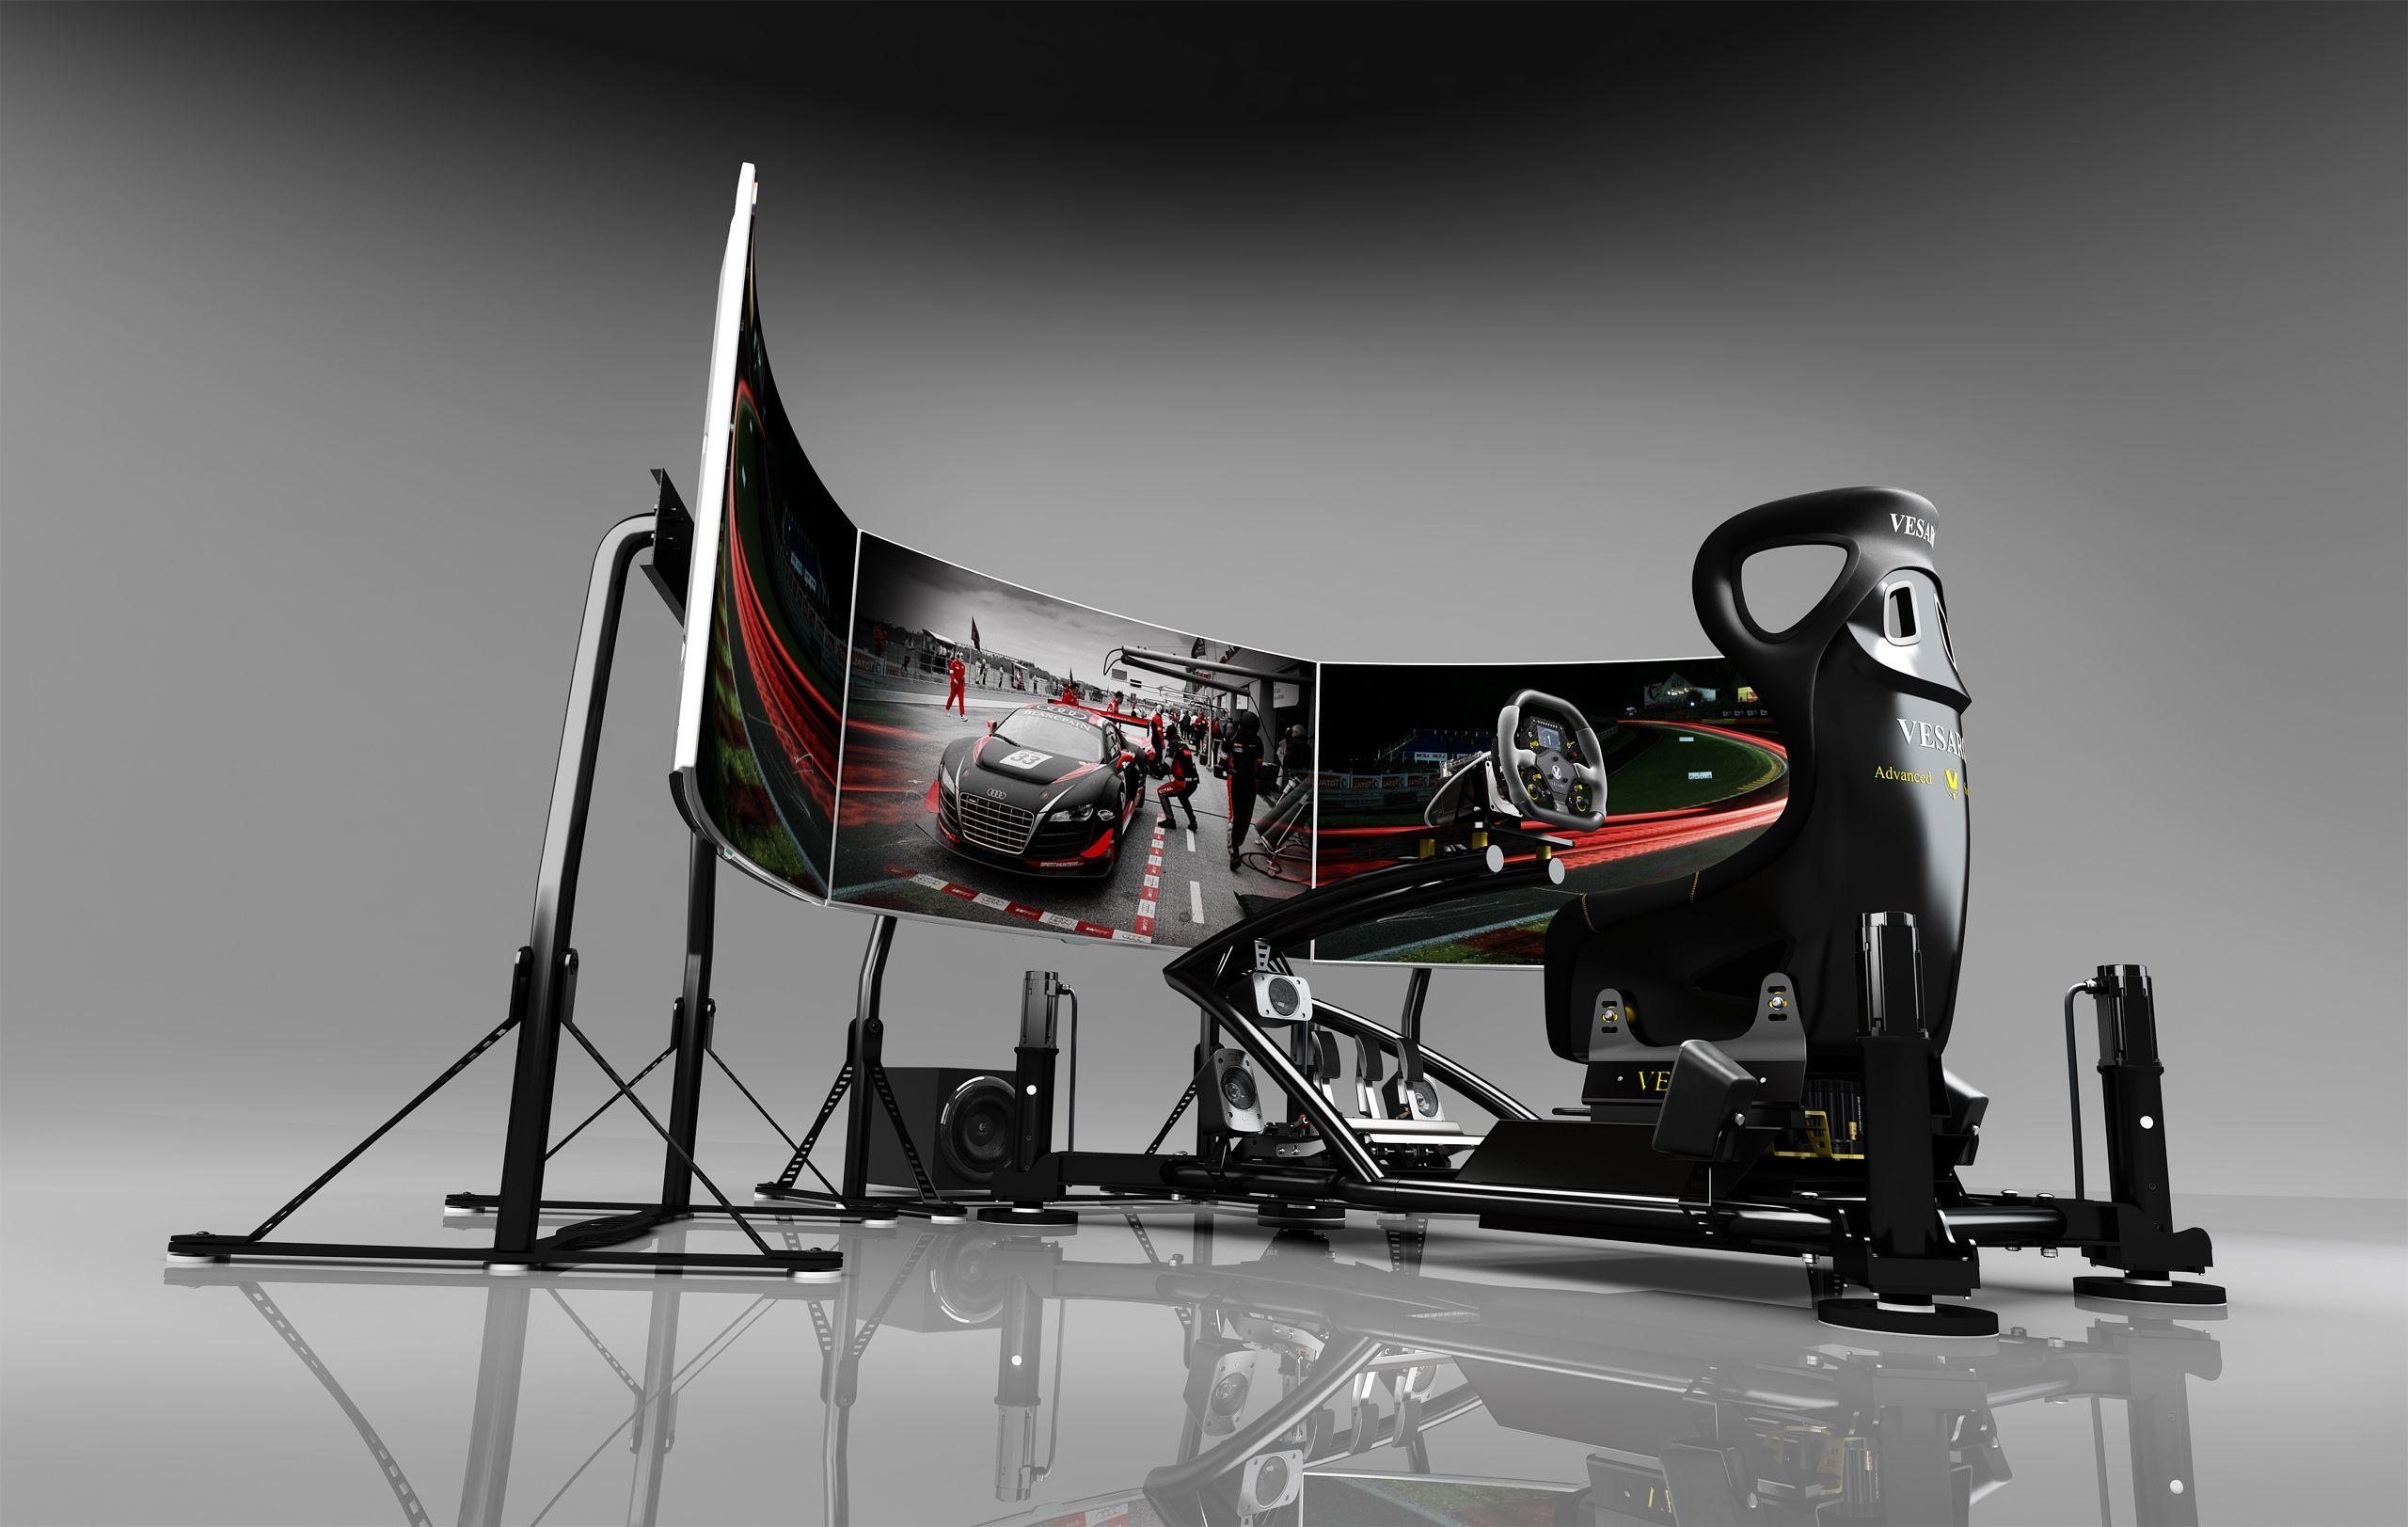 Sim Racing Simulator / Formula 1 Simulation (f1) / Racing